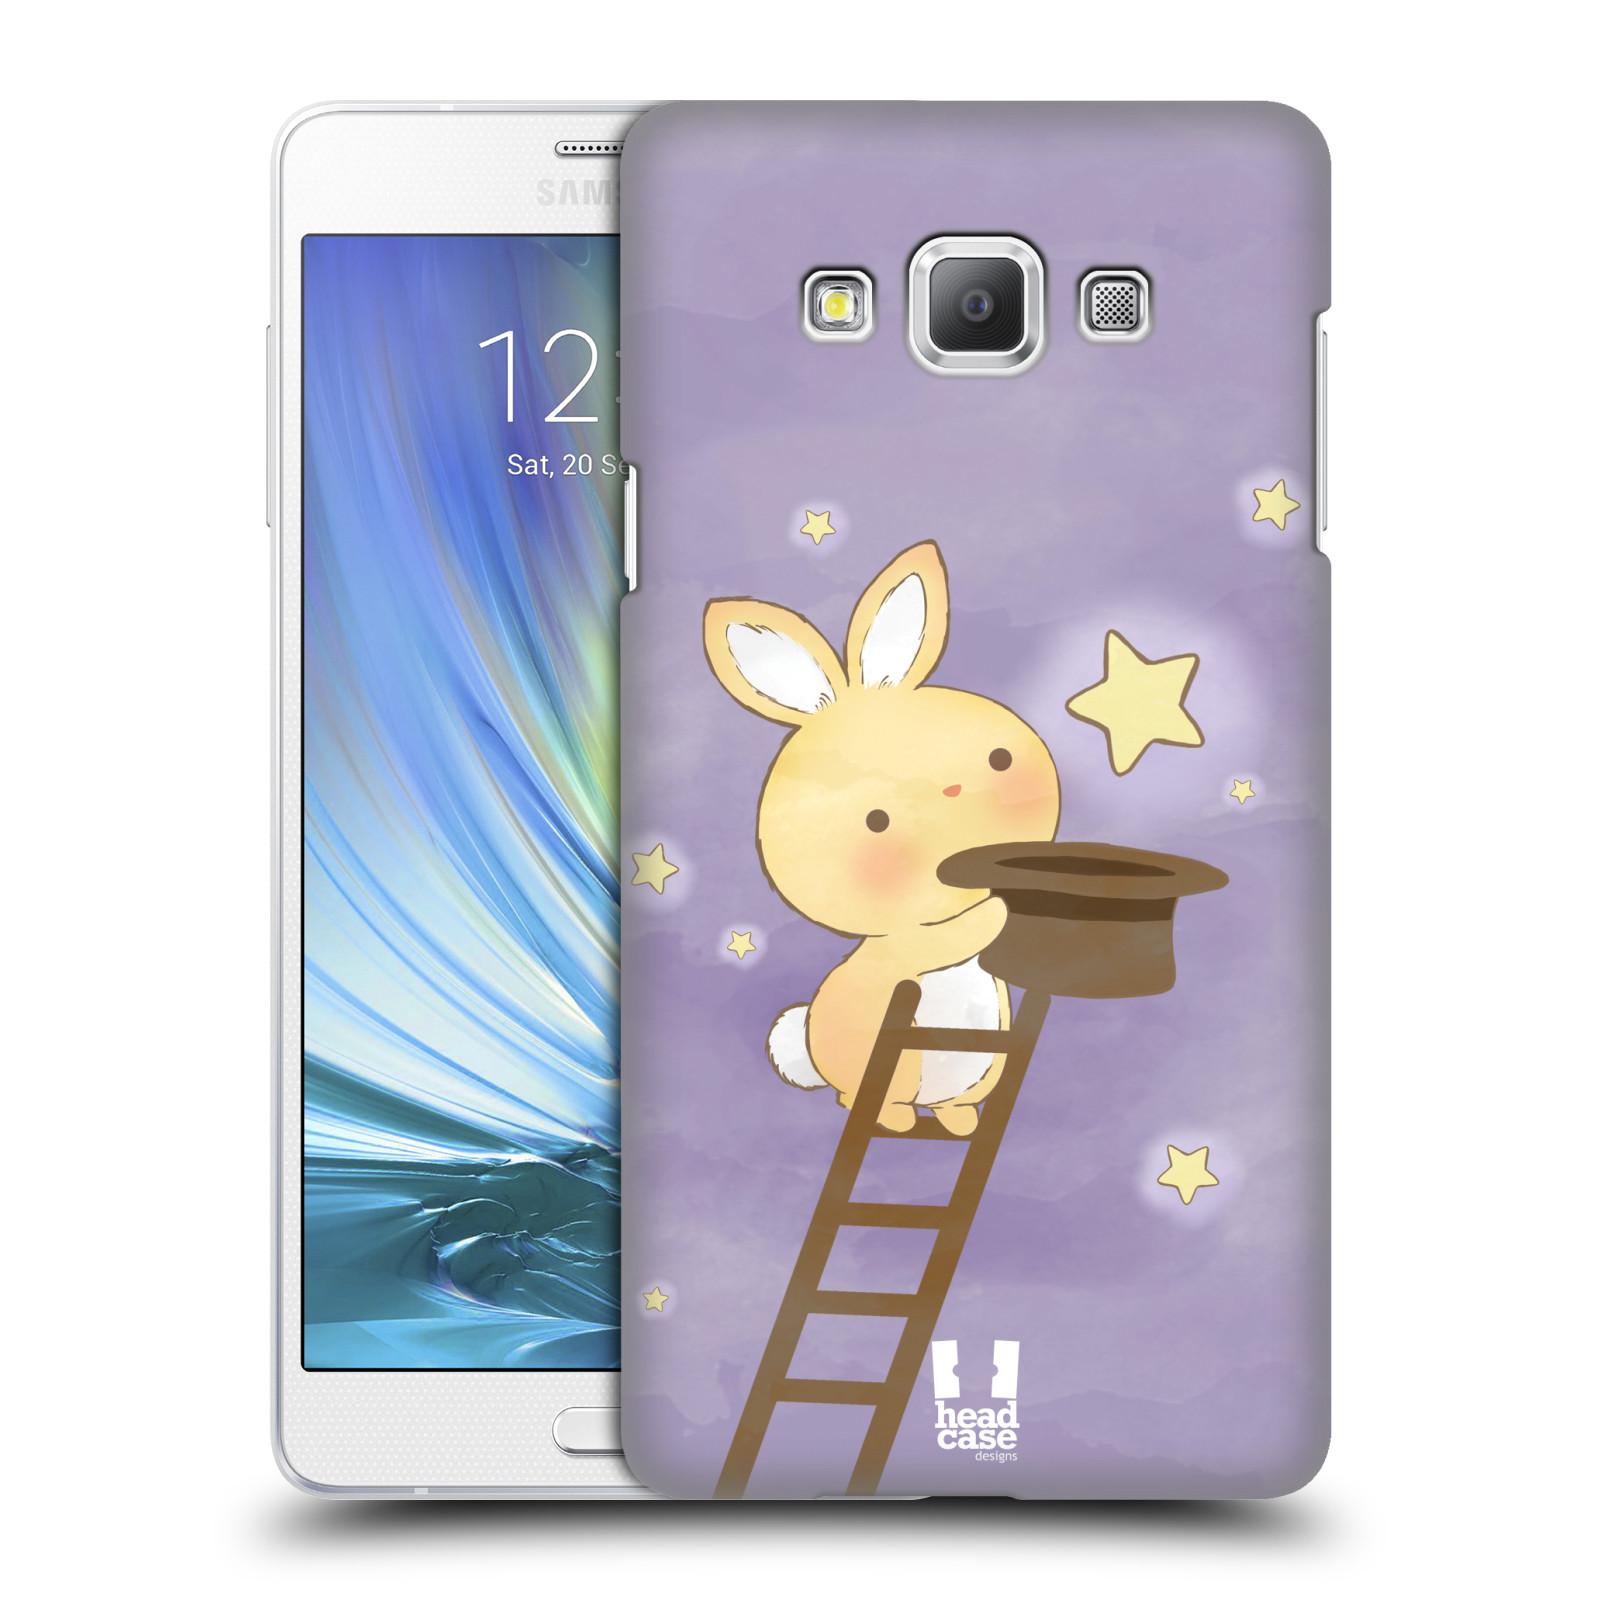 HEAD CASE plastový obal na mobil SAMSUNG GALAXY A7 vzor králíček a hvězdy fialová